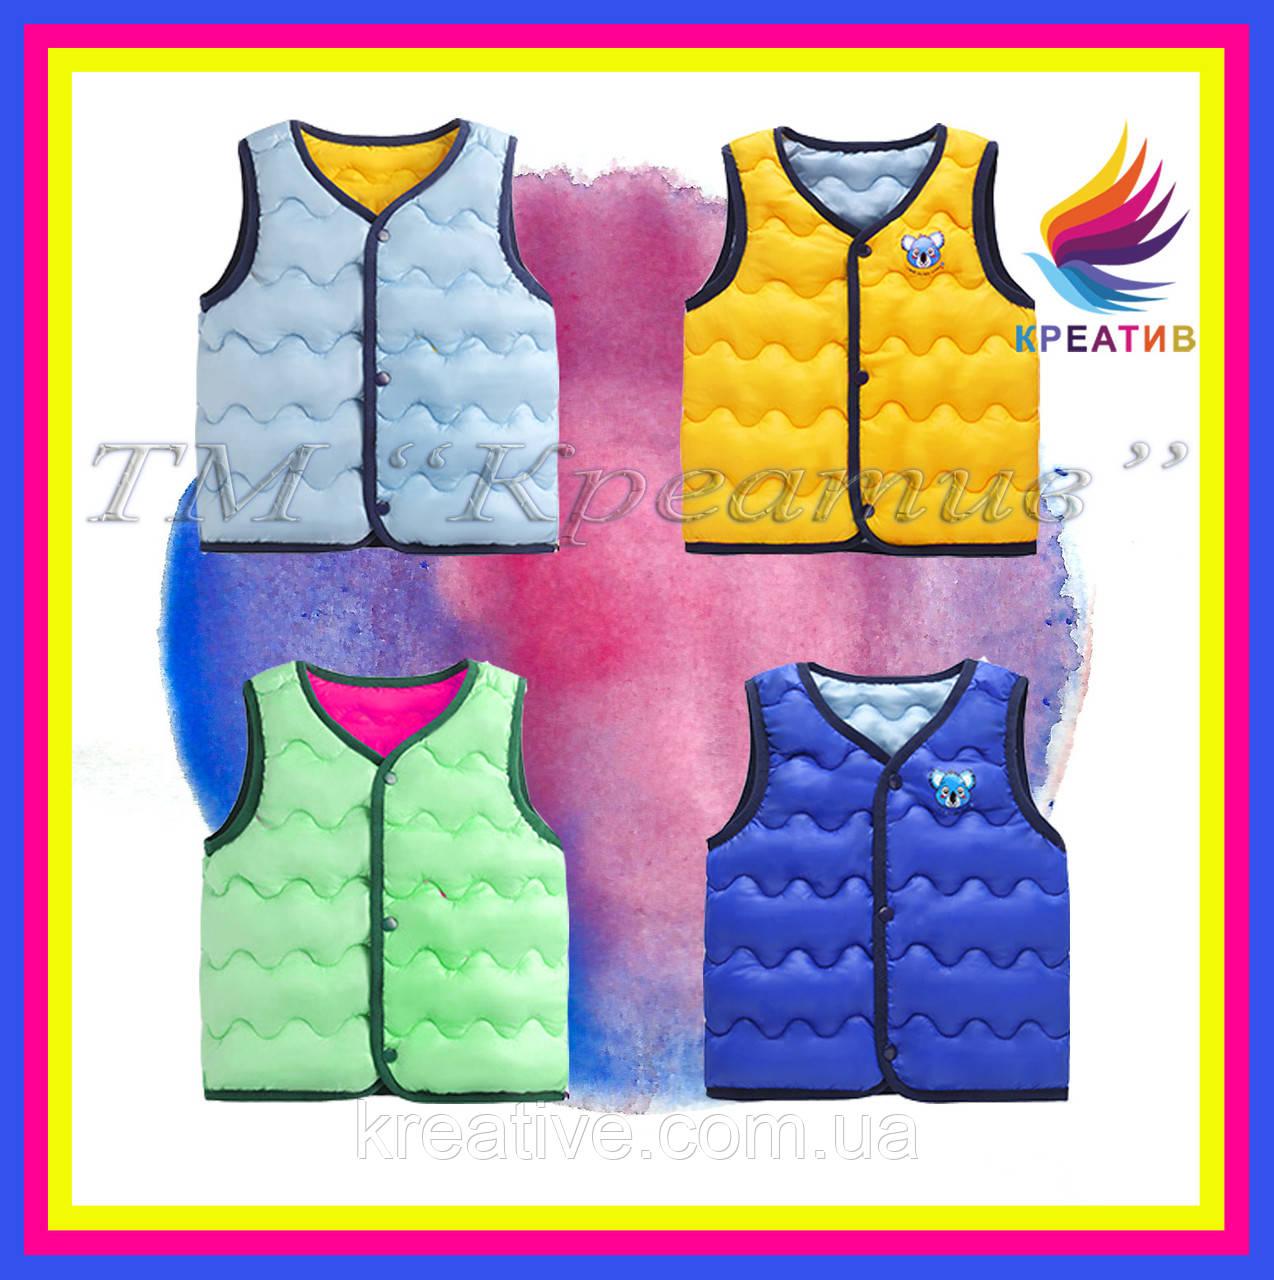 Оптом детские жилеты утепленные (пошив под заказ от 50 шт.)